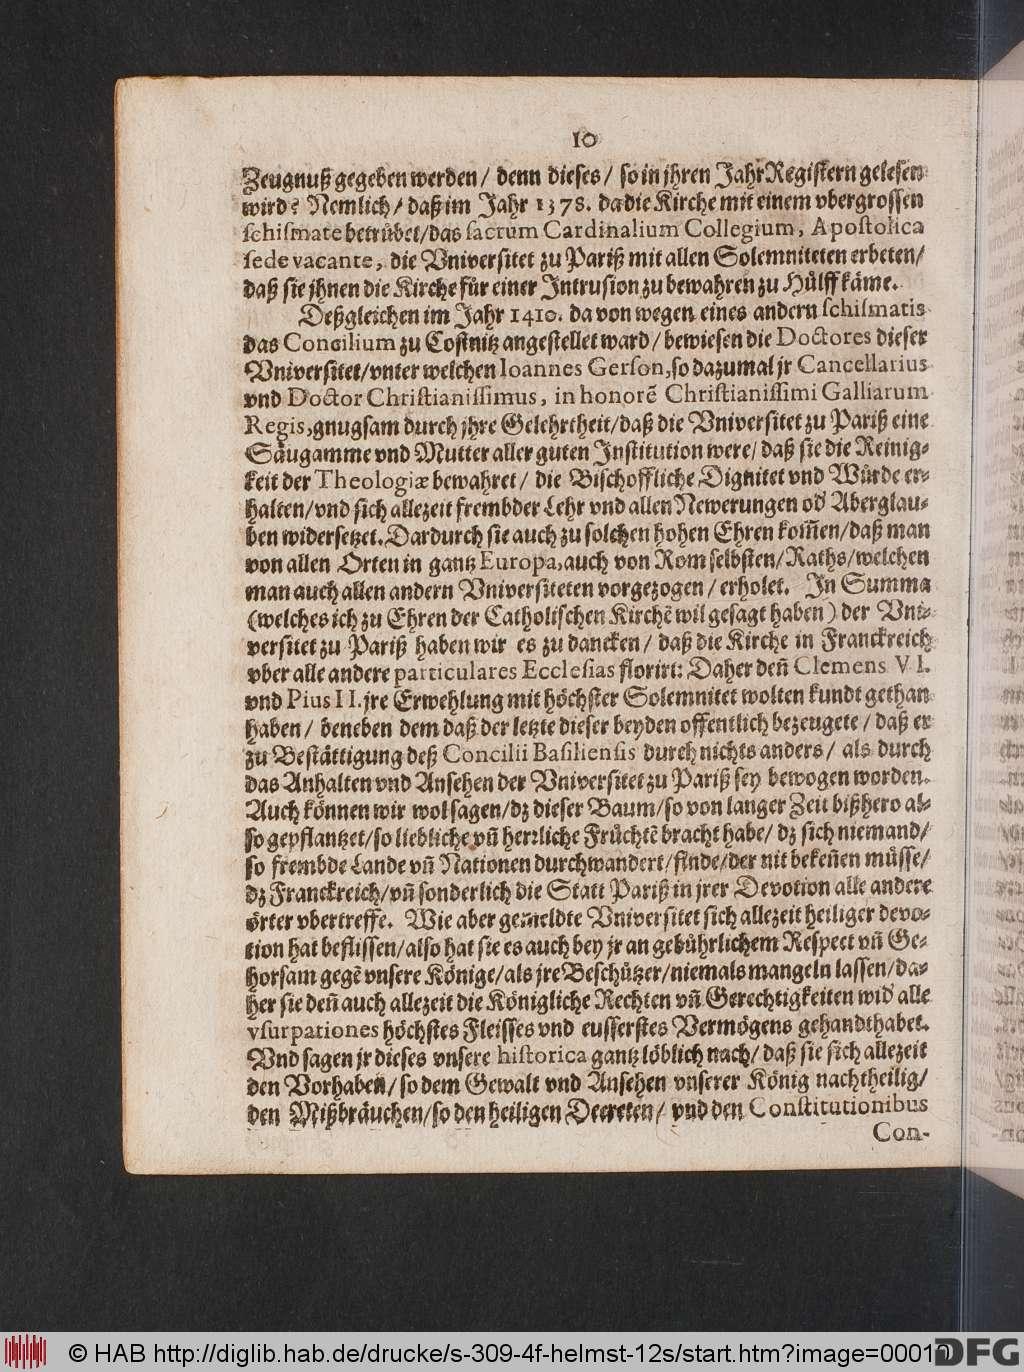 http://diglib.hab.de/drucke/s-309-4f-helmst-12s/00010.jpg